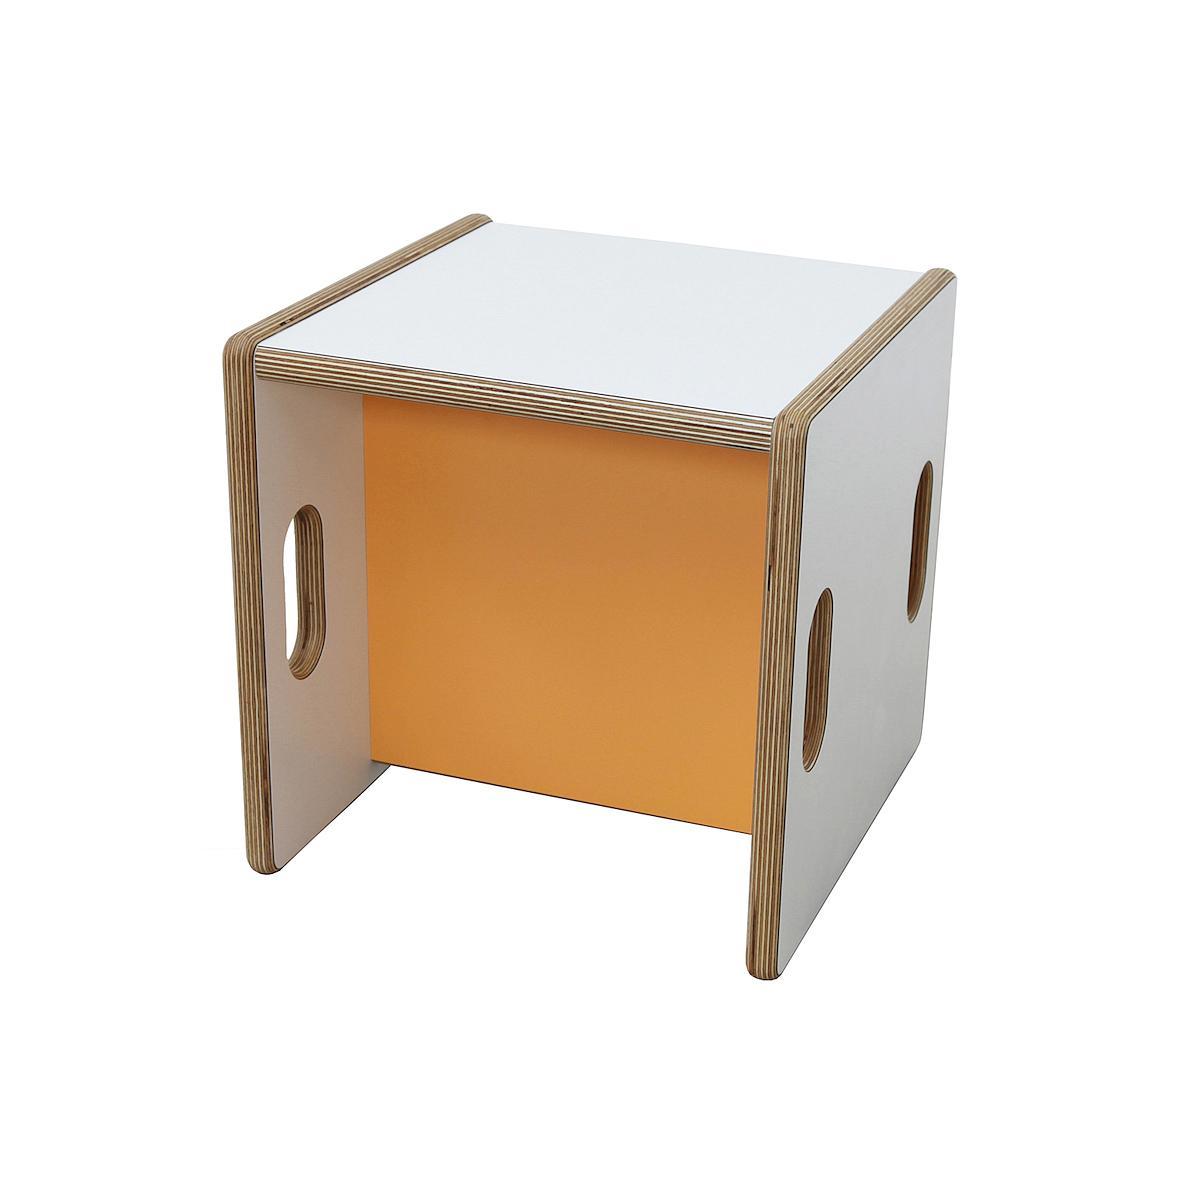 Wandelstuhl DECOR Debreuyn Multiplex-weiß Sitzfläche orange - OHNE VERPACKUNG B 32 x H 32 x T 32 cm